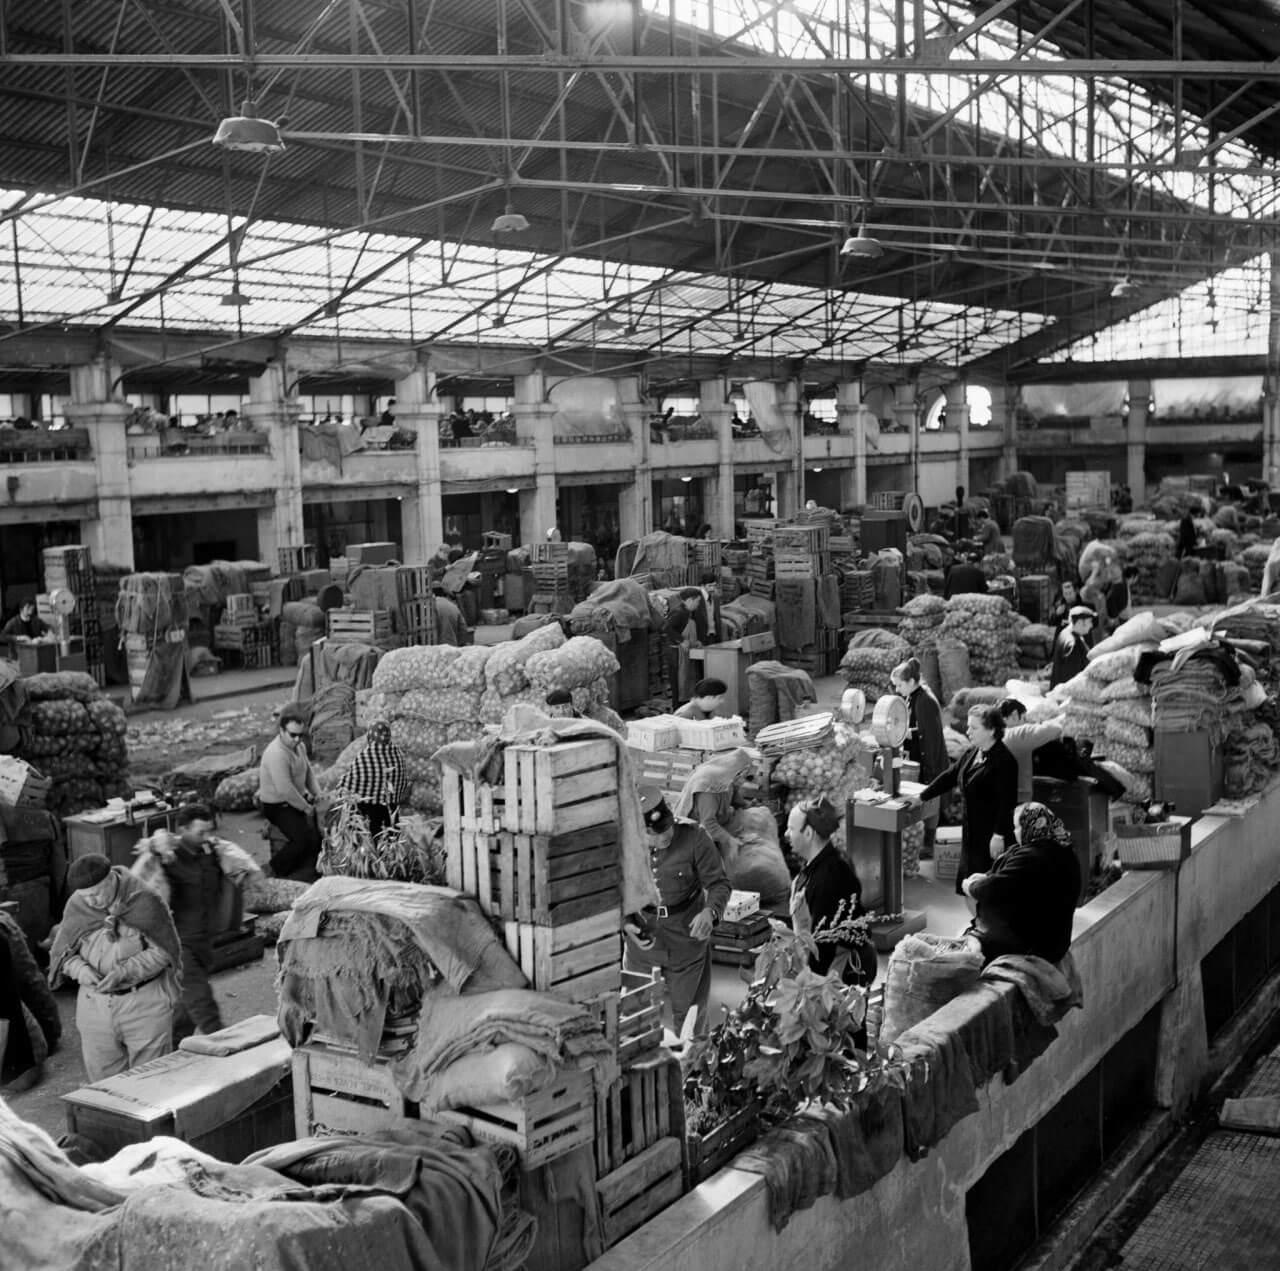 Mercado-da-Ribeira-7-dicas-Viaje-Global